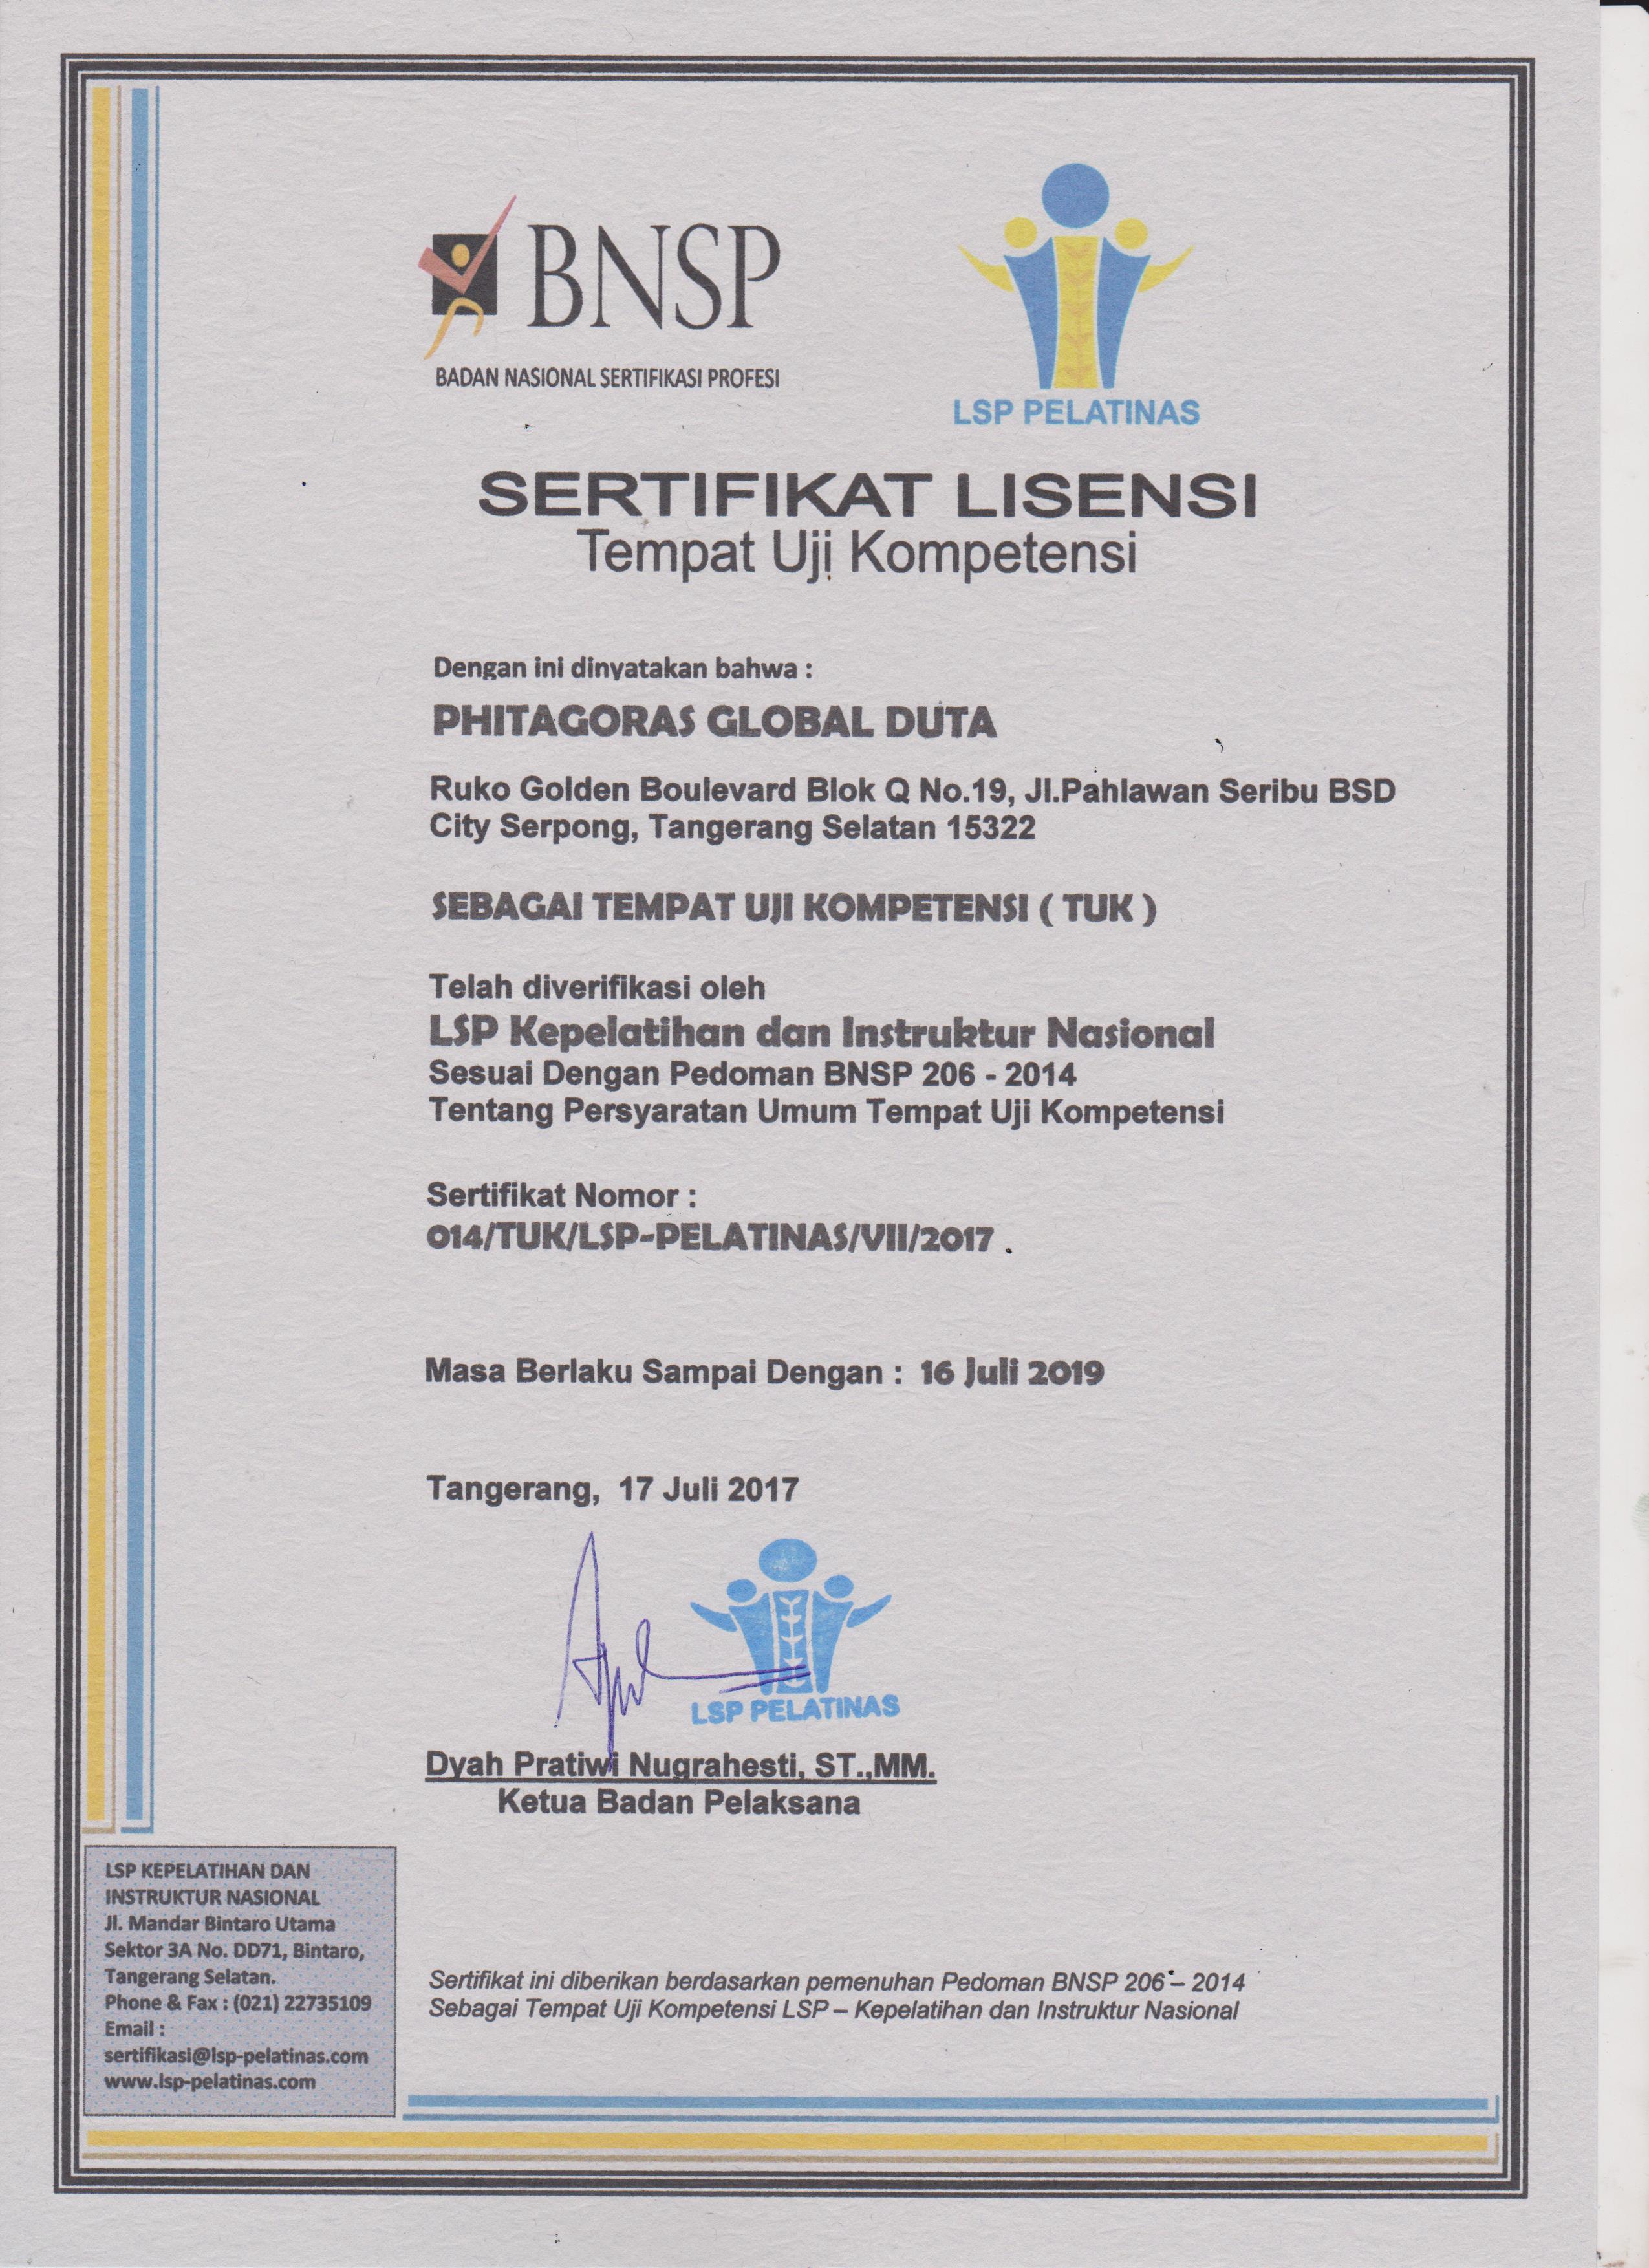 Sertifikat Lisensi Pt Phitagoras Global Duta Dari Lsp Pelatinas Training Ahli K3 Hse Consultant Konsultan Iso Nebosh Indonesia